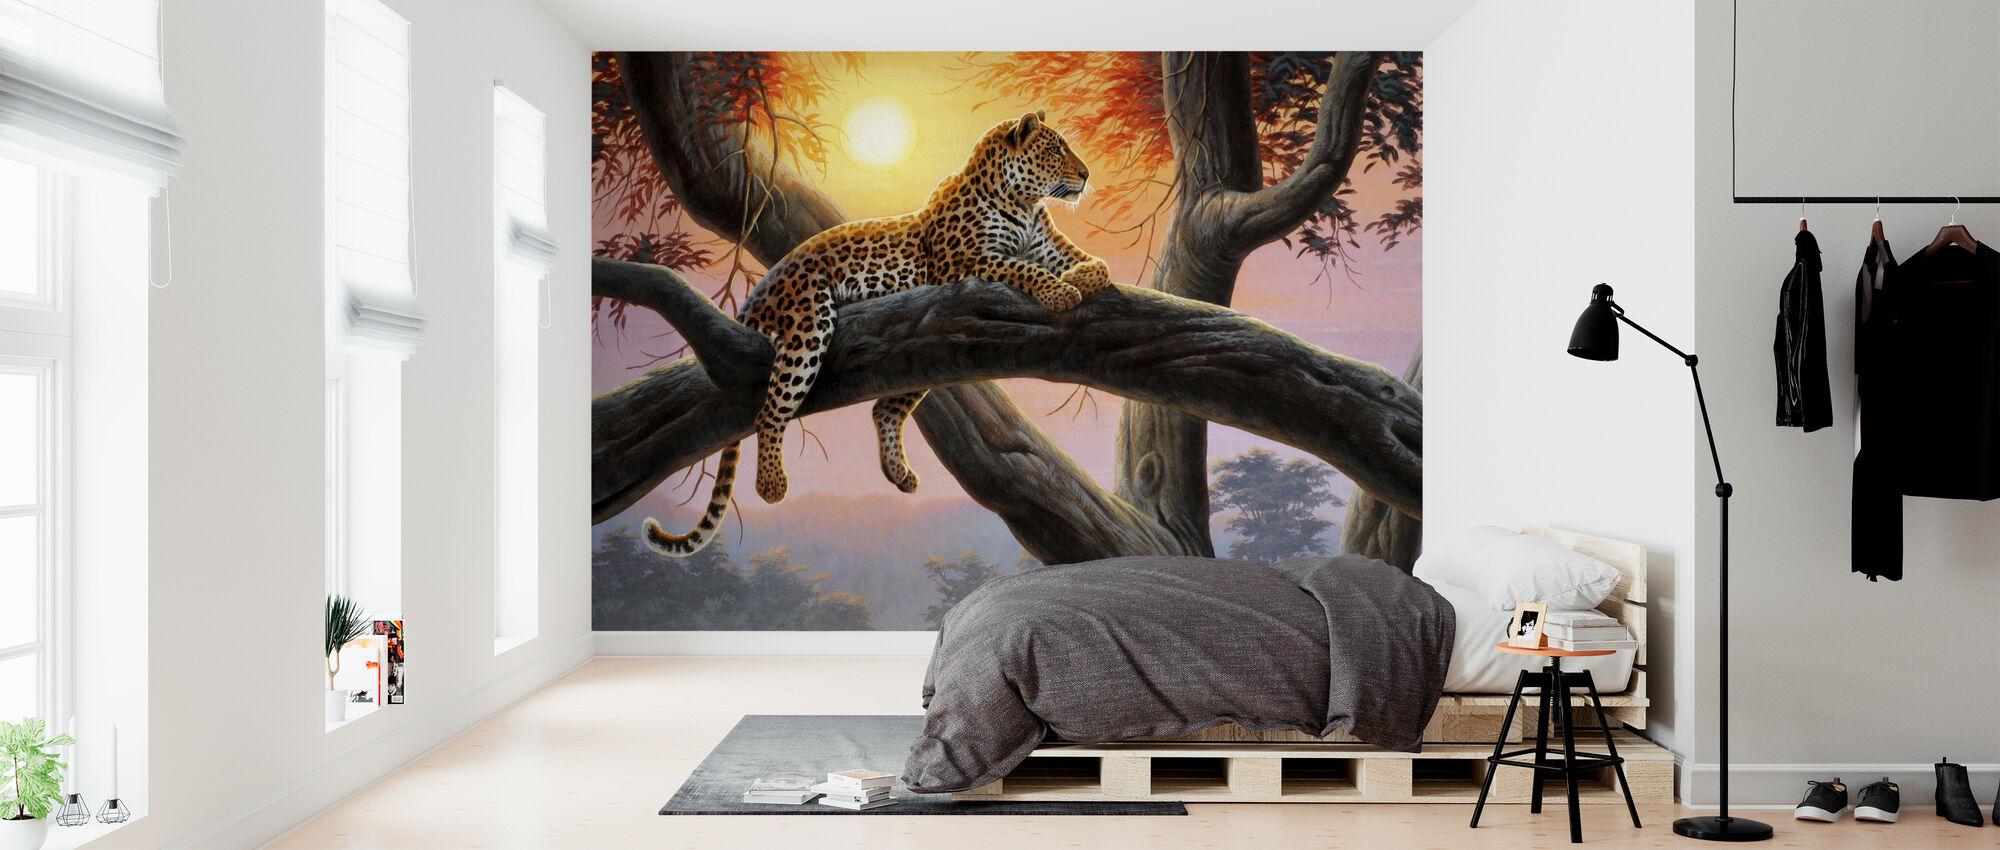 Evening Watch - Leopard - Wallpaper - Bedroom